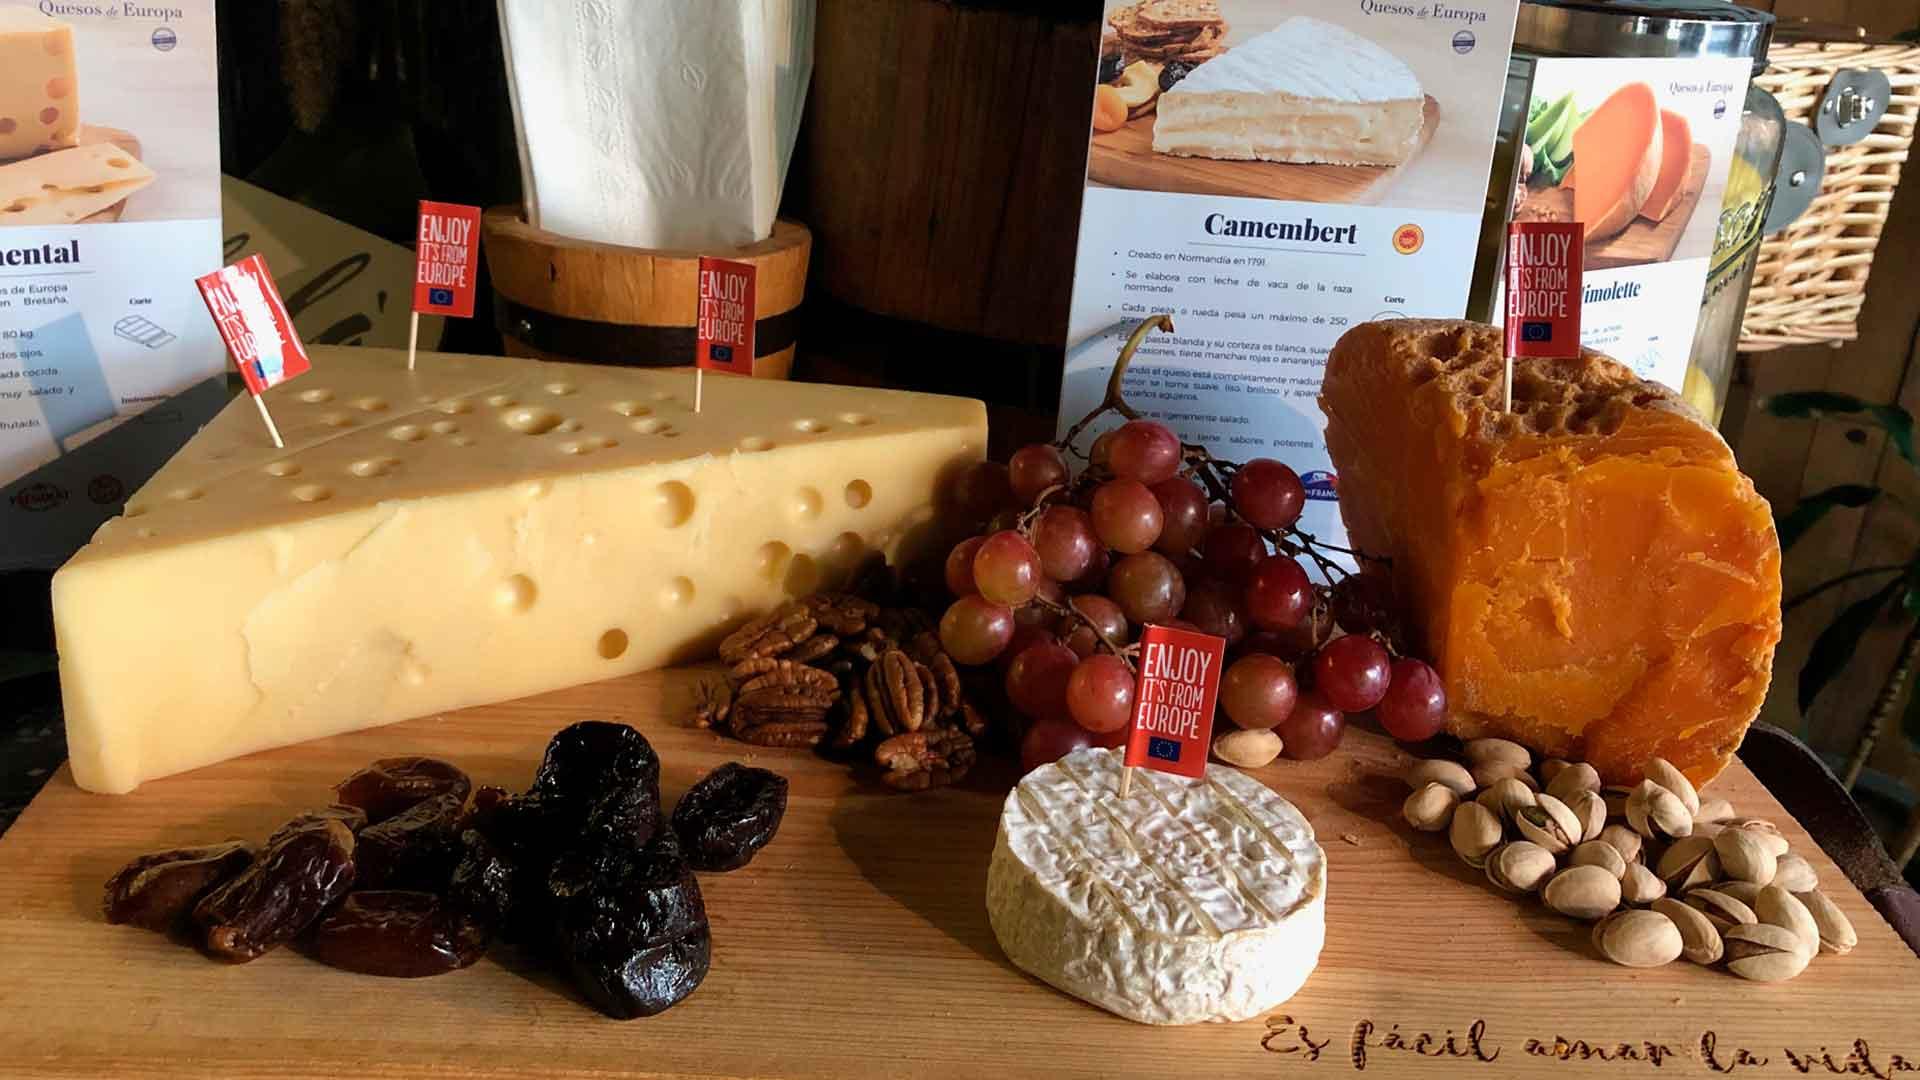 ¿Te gustan los quesos? Emociónate con el 3er Festival Quesos de Europa